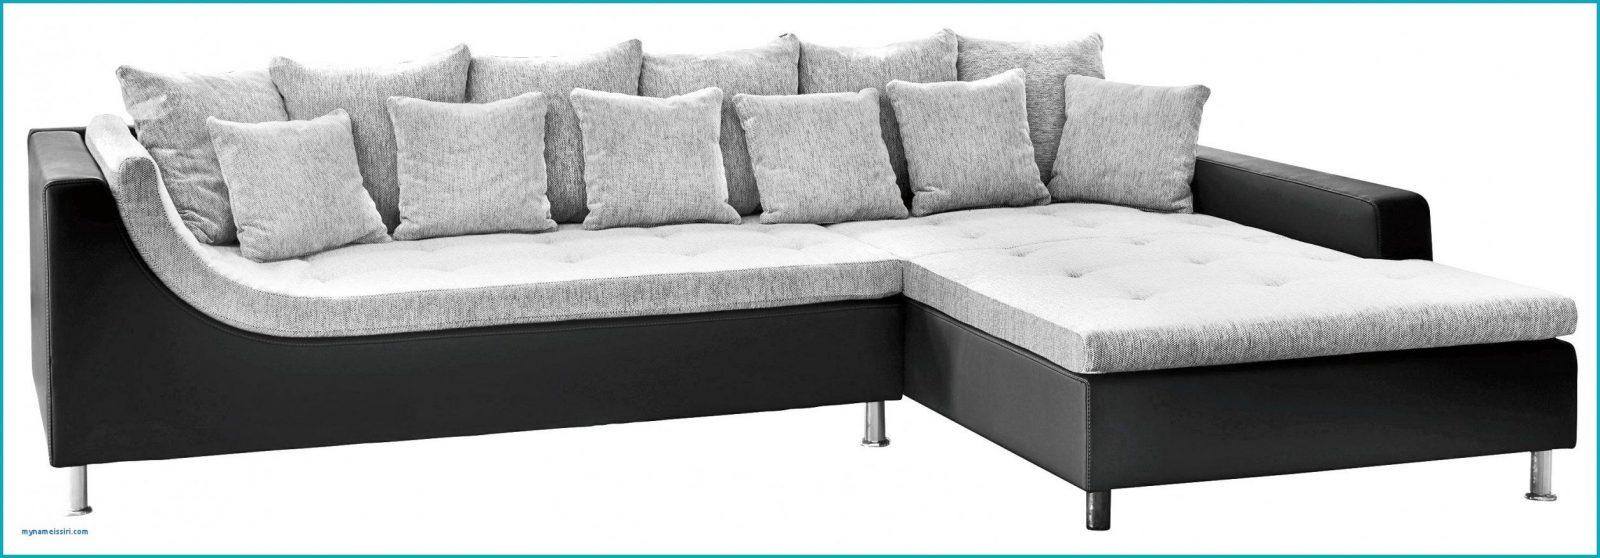 Sofa Auf Raten Ut8 Von Design Sofa Und Sehr Gehend Od Inspiration von Sofa Auf Rechnung Als Neukunde Photo